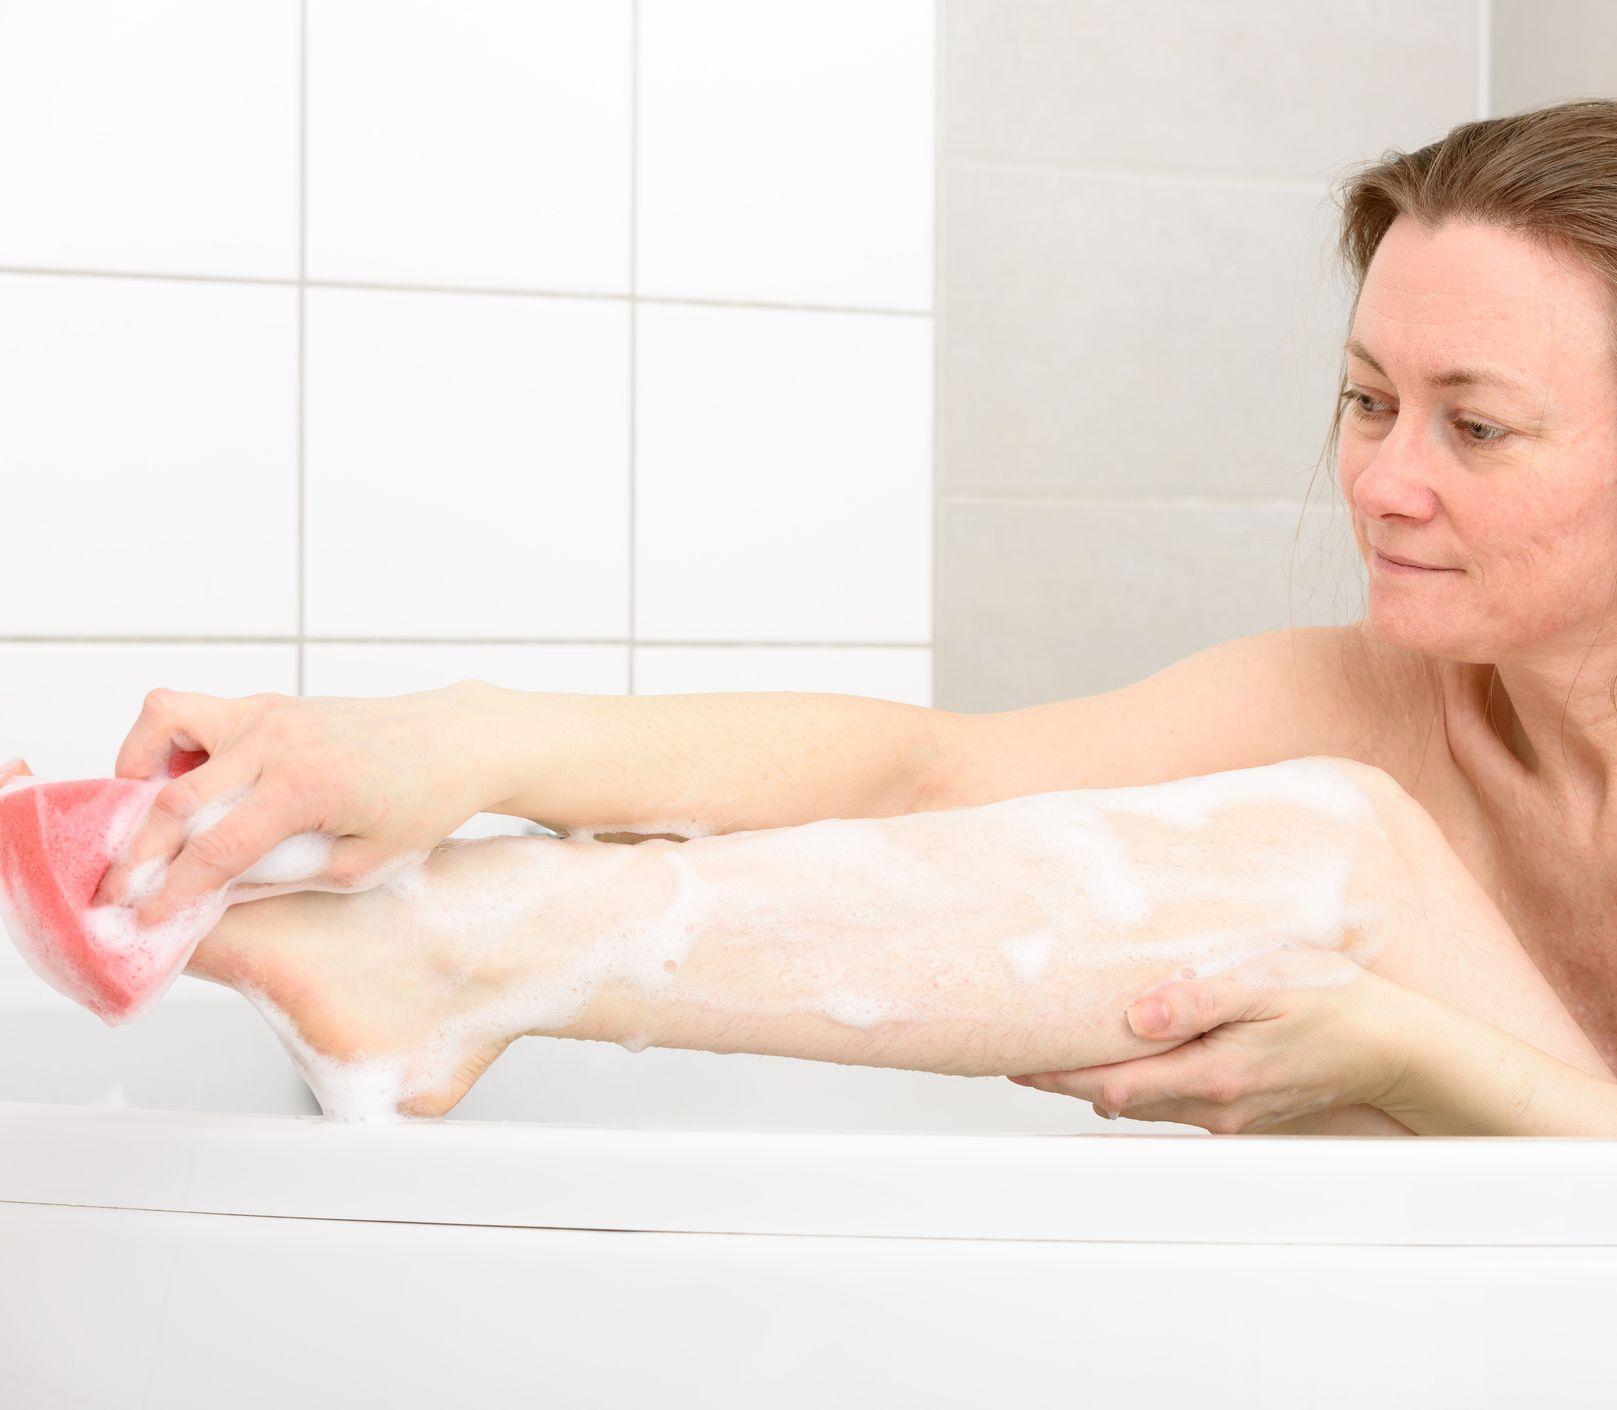 Vzhľad vašich nôh vypovedá o vašom zdraví: Prinavráťte nohám ich ladnosť a pôvab